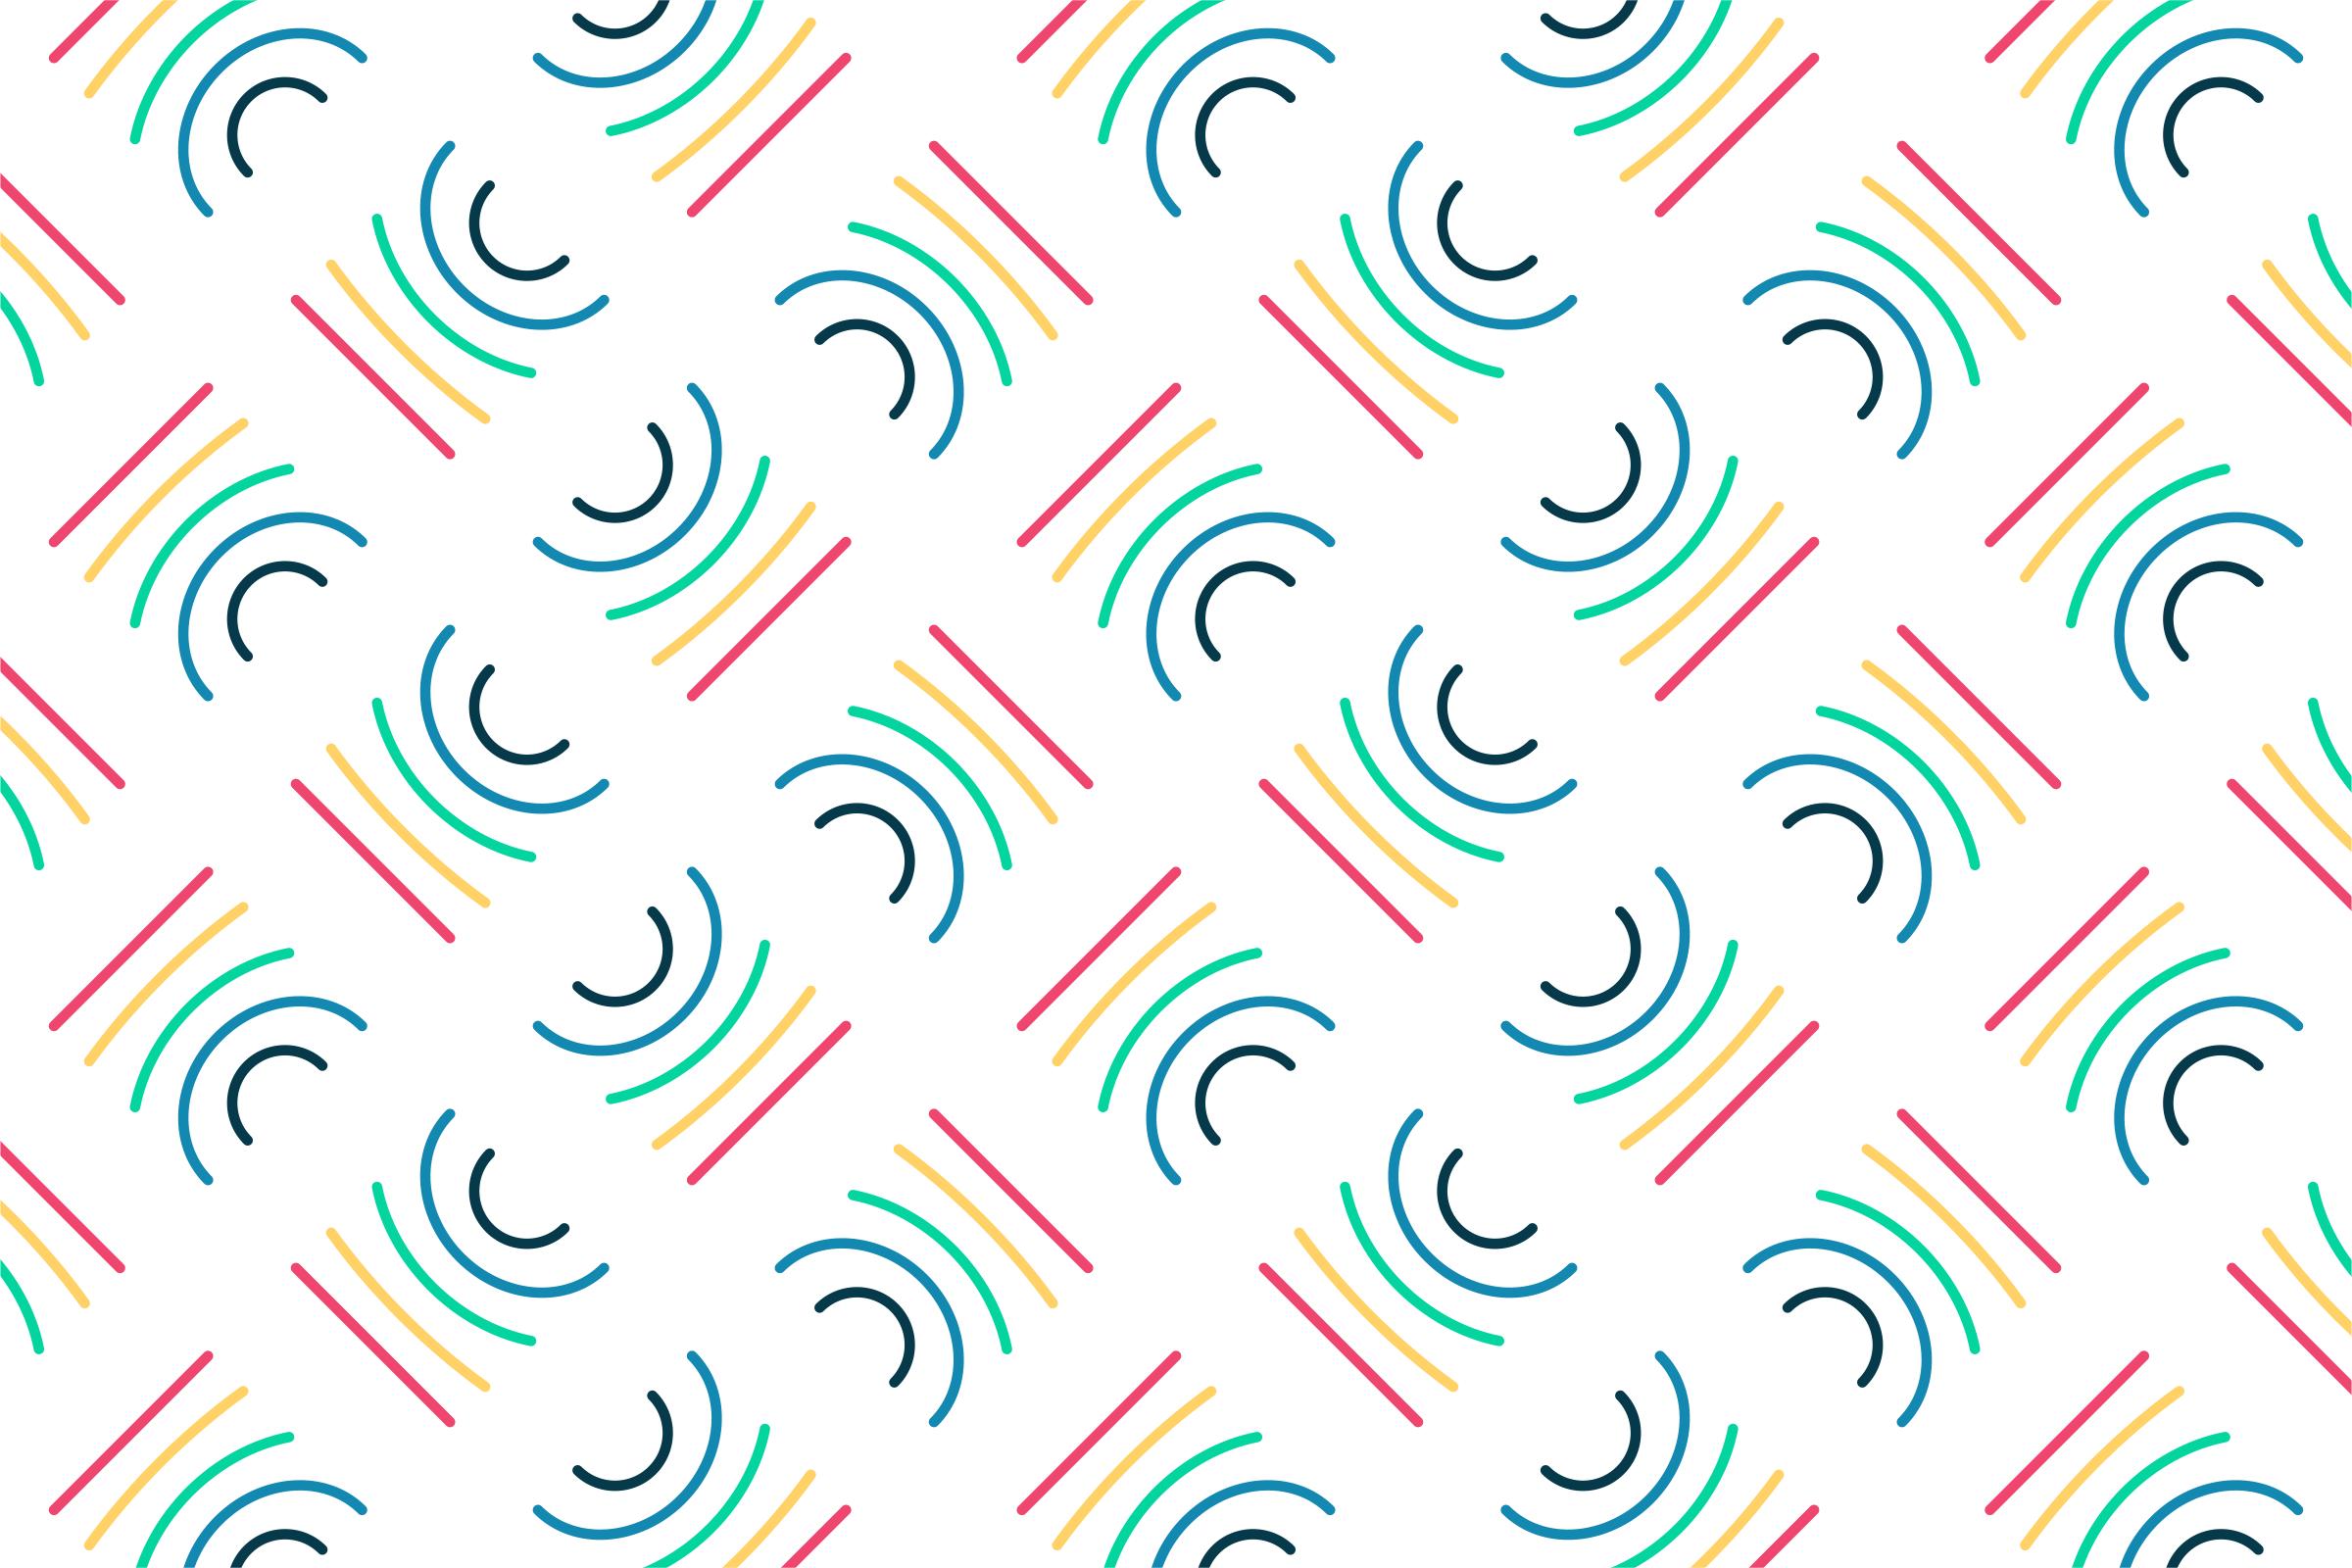 hc_pattern_002.png